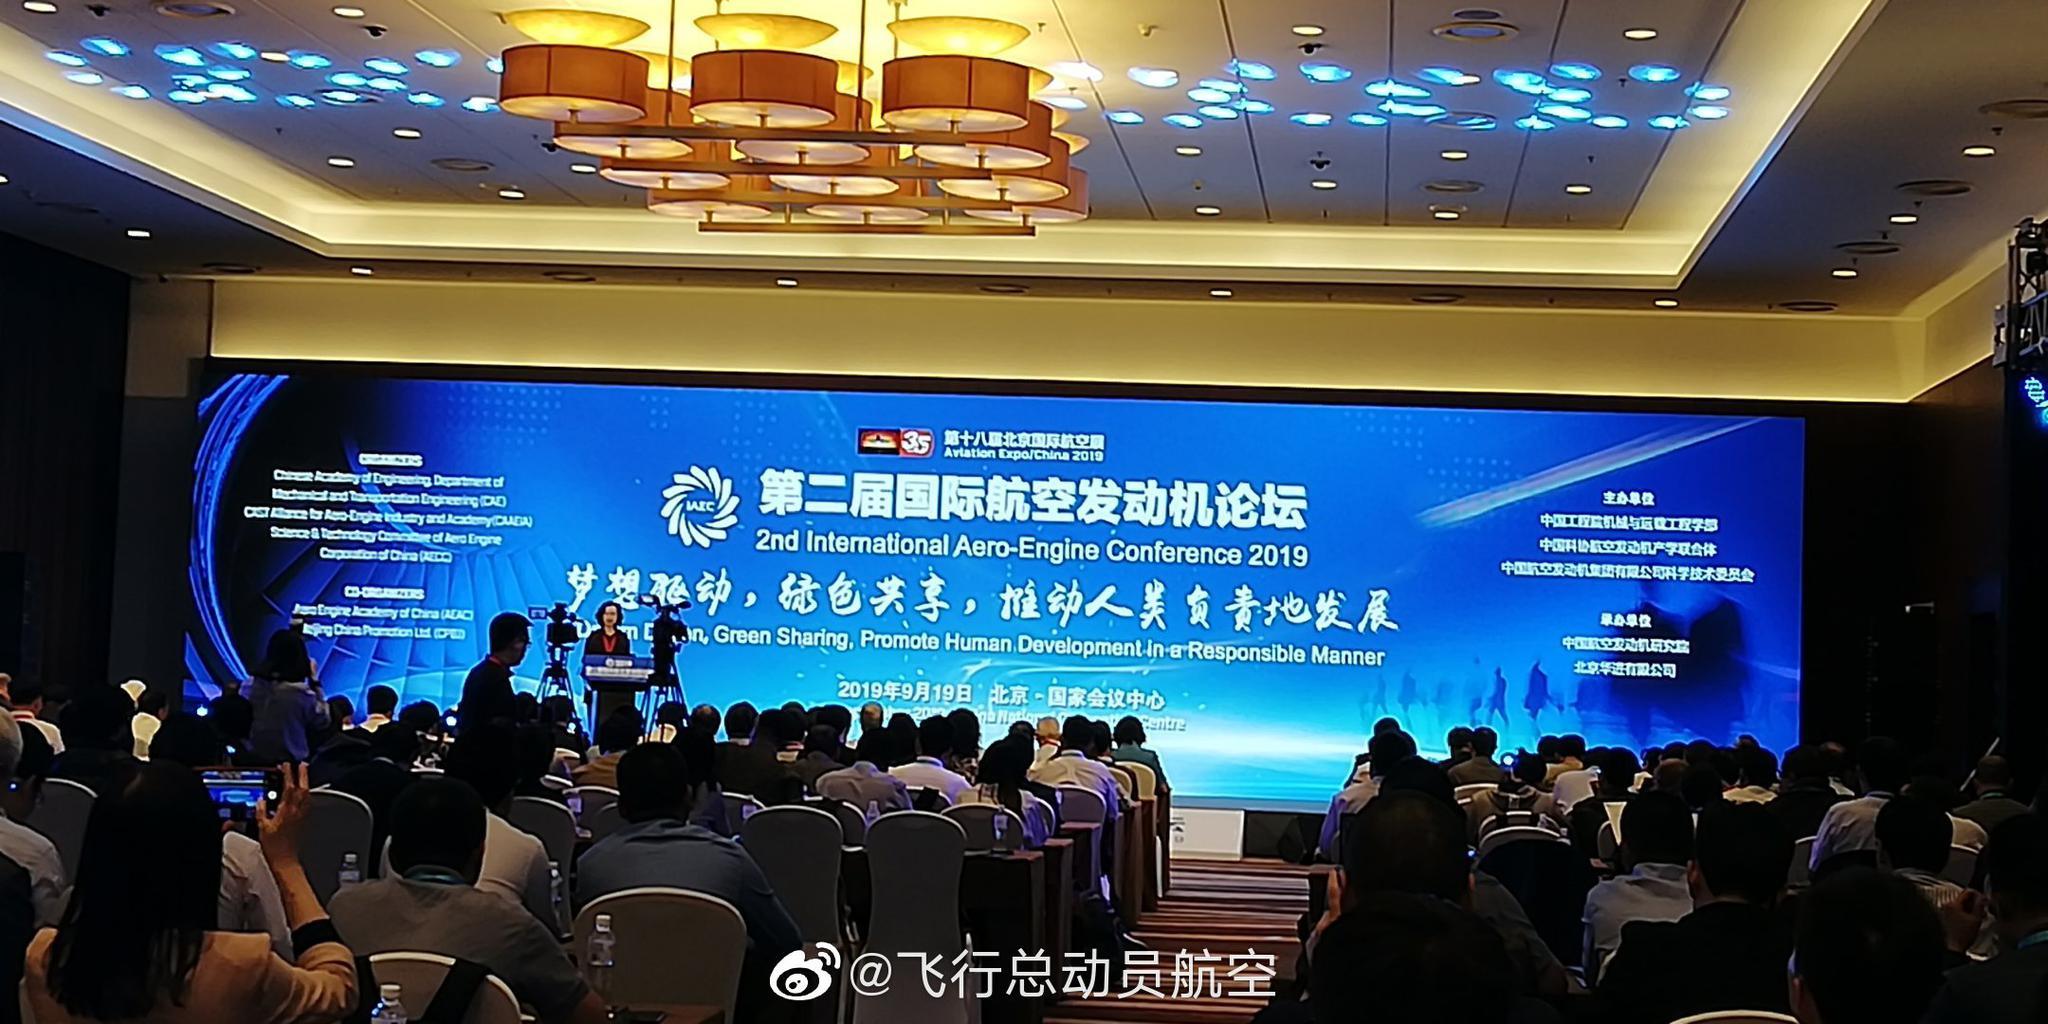 第二届国际航空发动机论坛于9月19日在北京国家会议中心开幕!